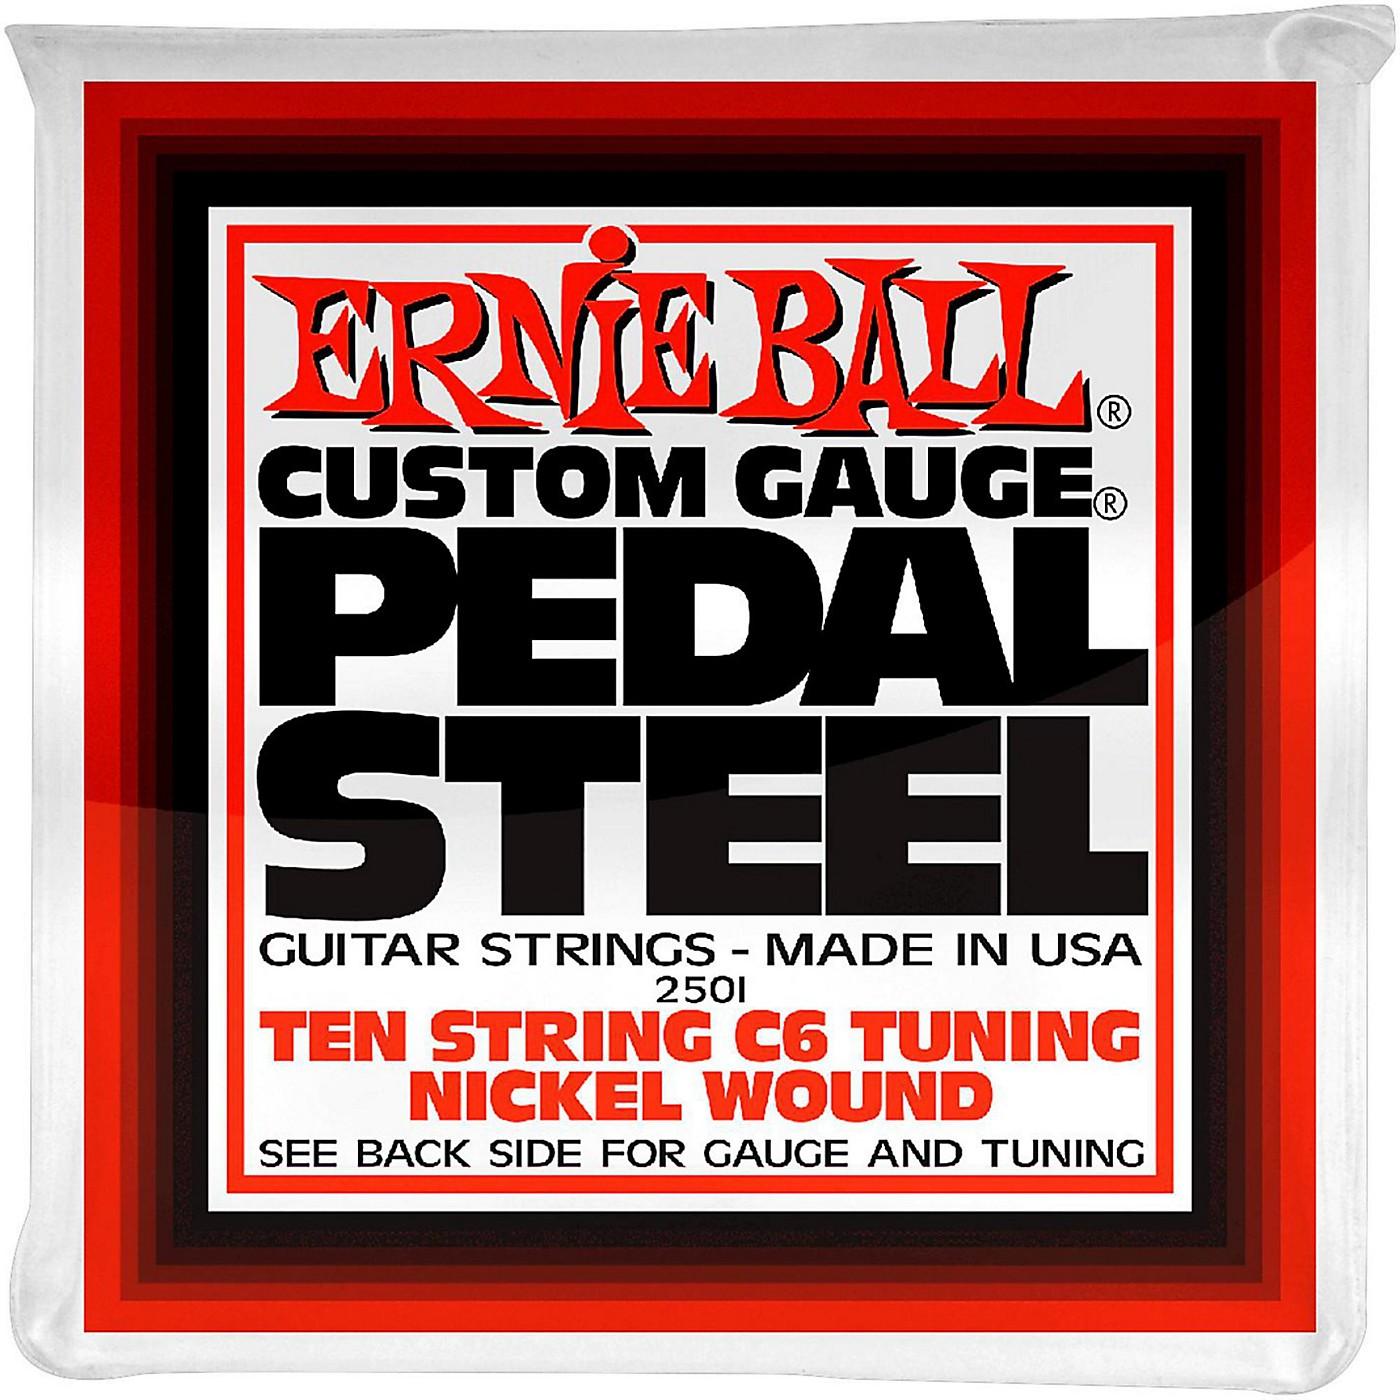 Ernie Ball 2501 10-String C6 Pedal Steel Guitar Strings thumbnail